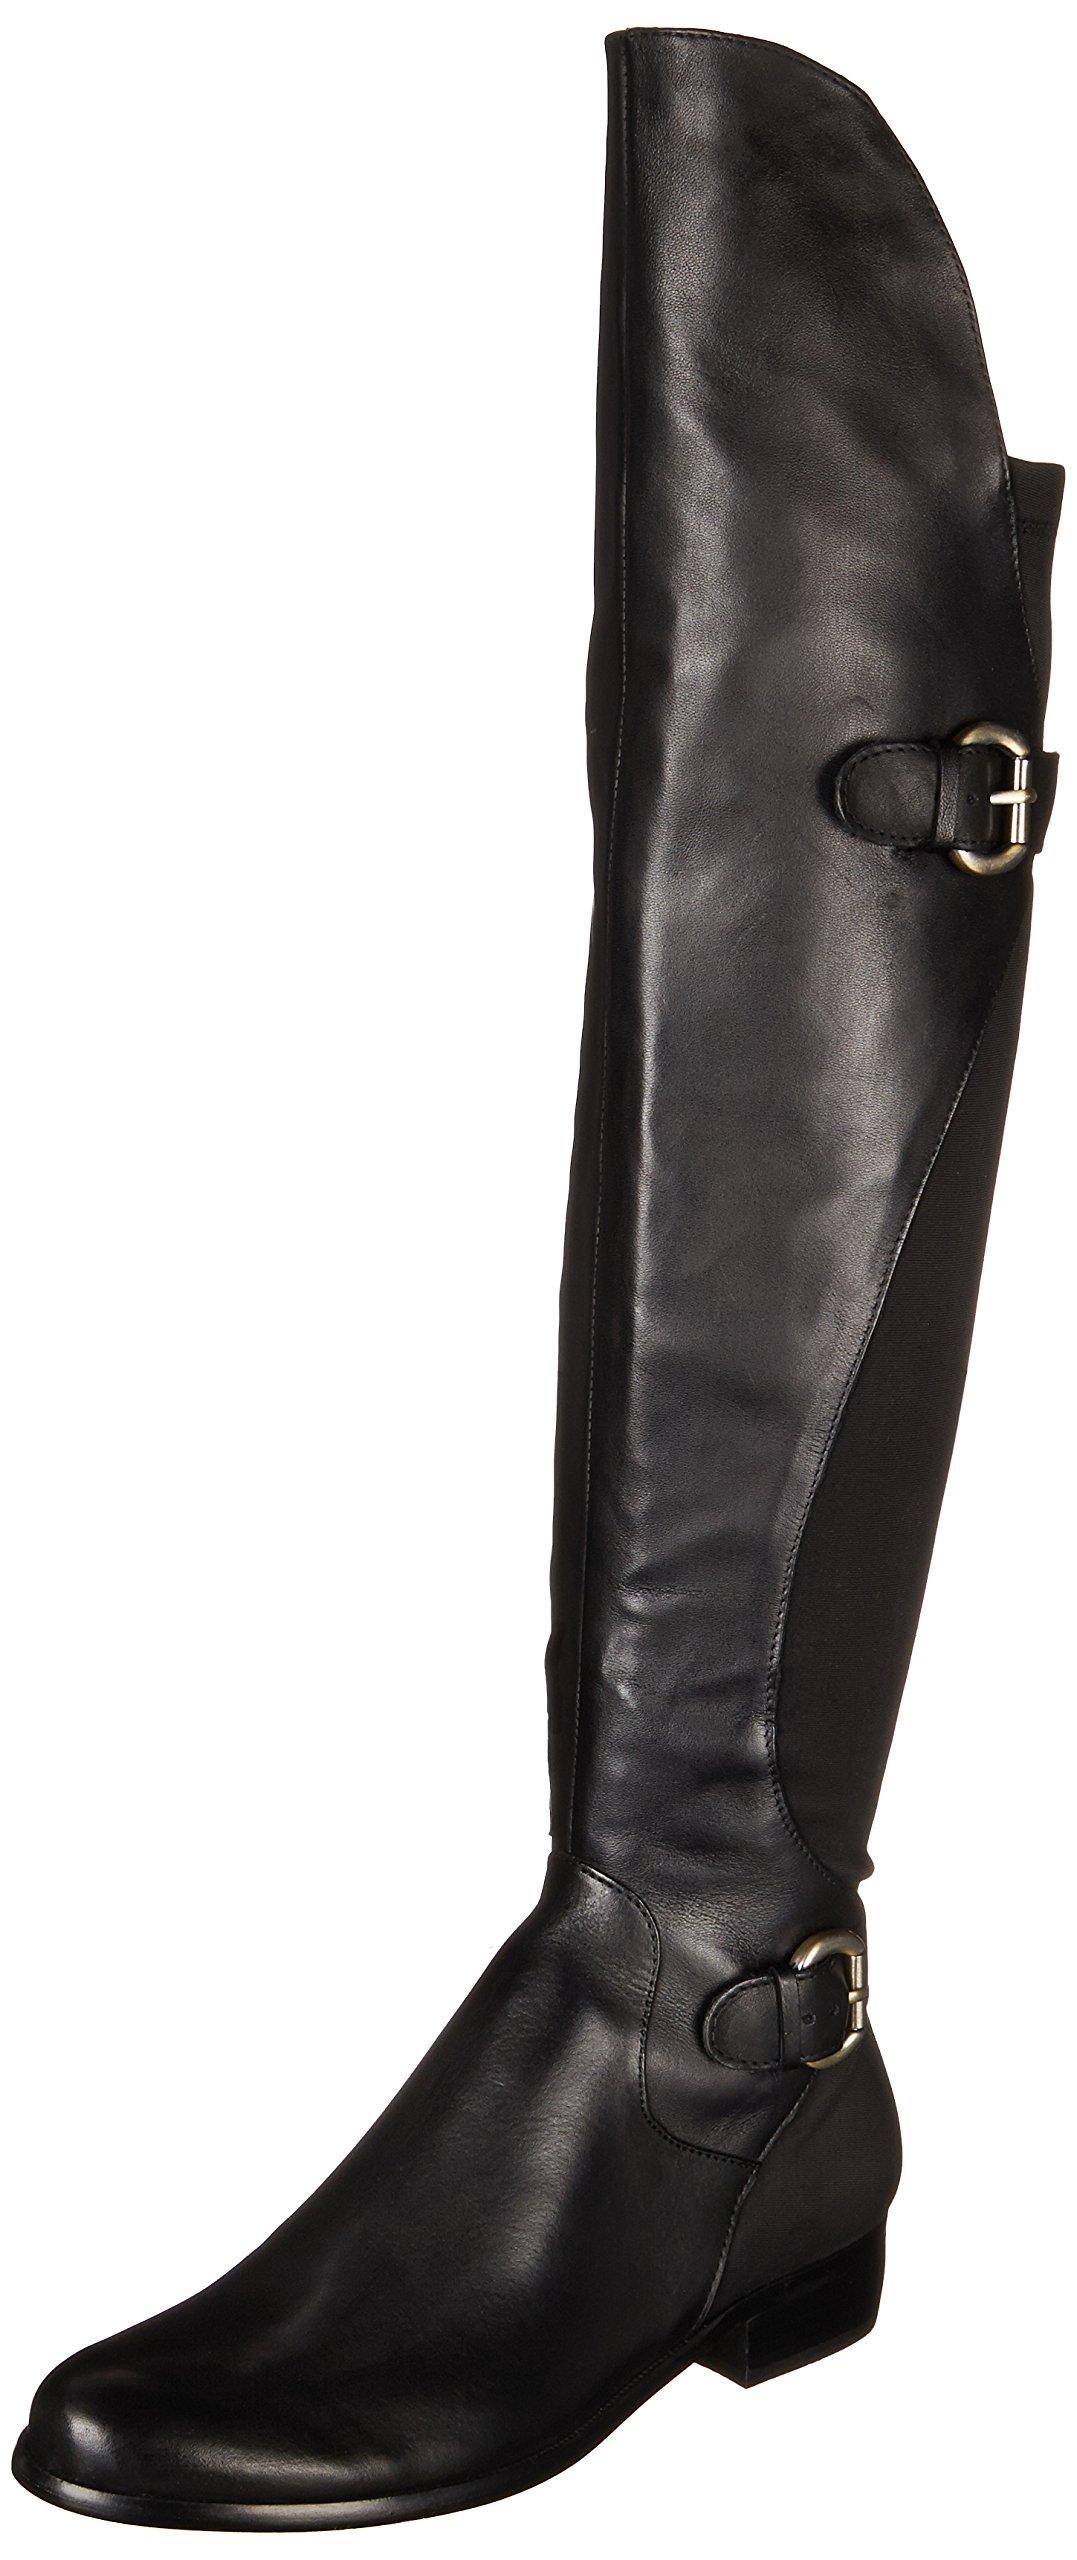 Corso Como Women's Splendid Riding Boot,Black,6 M US by Corso Como